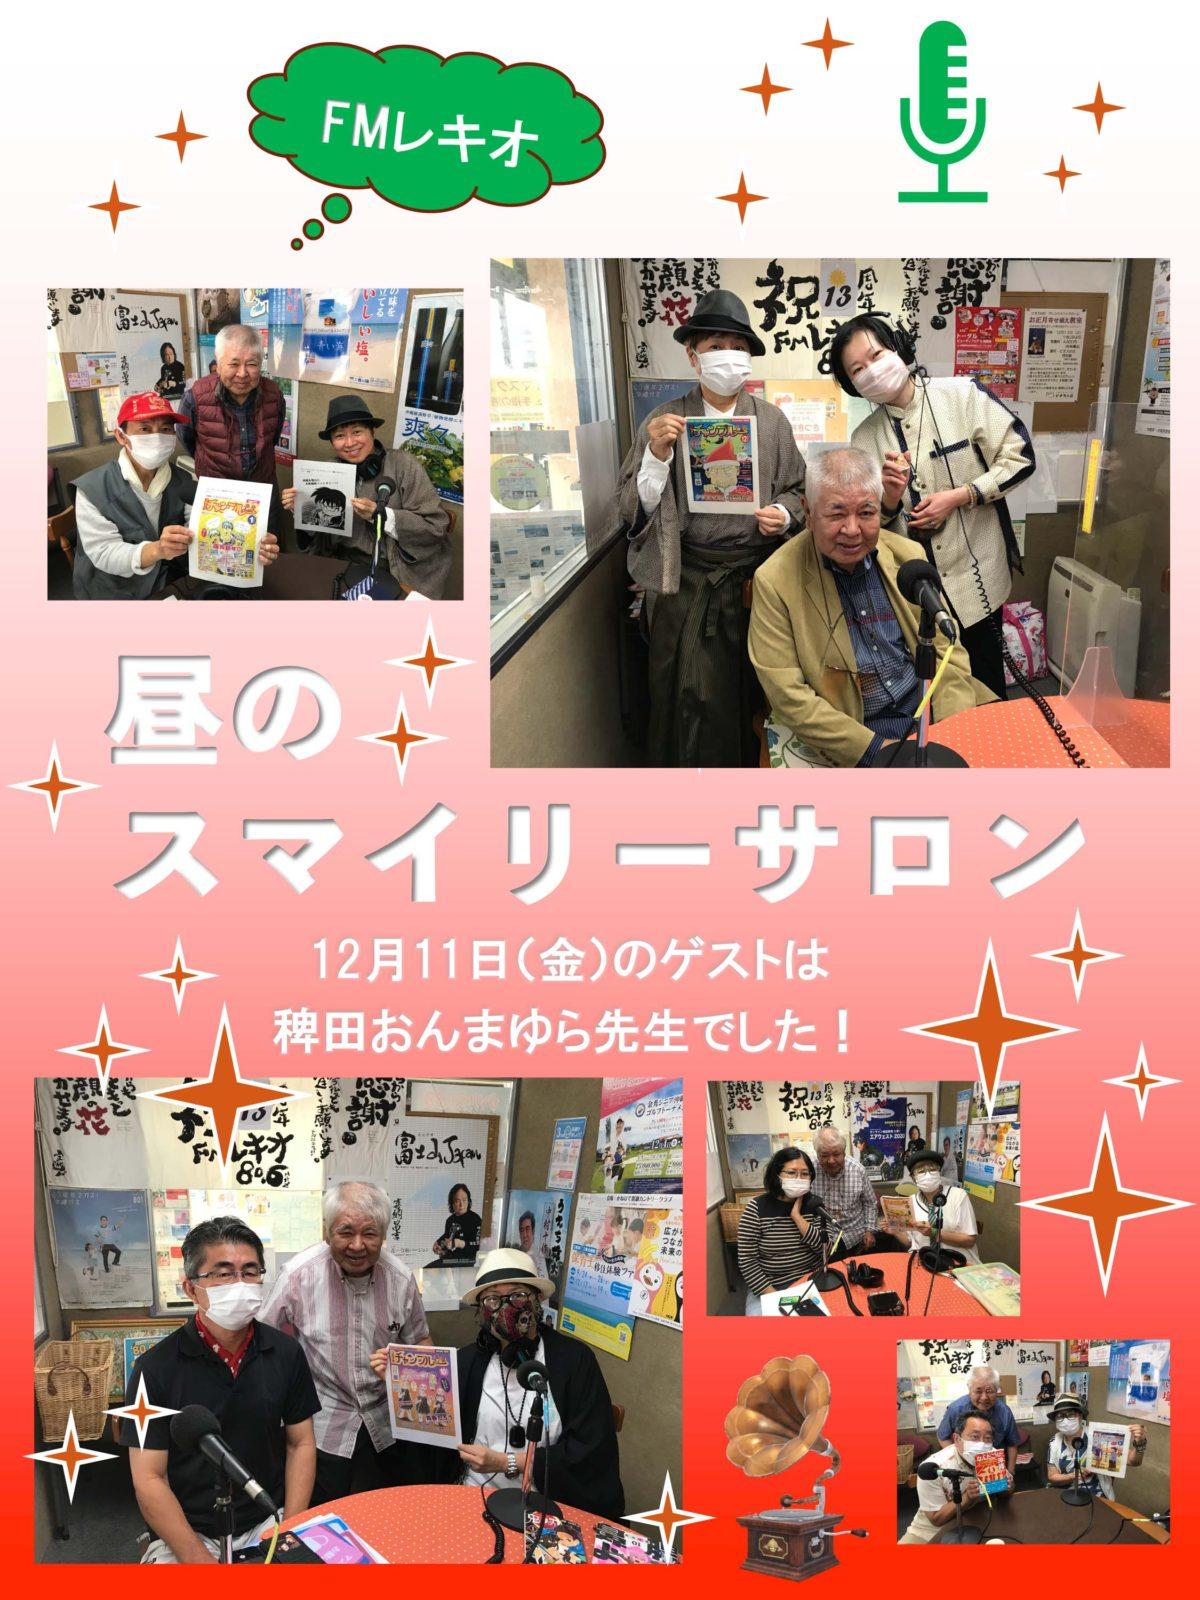 12月11日(金)のゲストは「12星座占い」の稗田おんまゆら先生でした!『昼のスマイリーサロン』